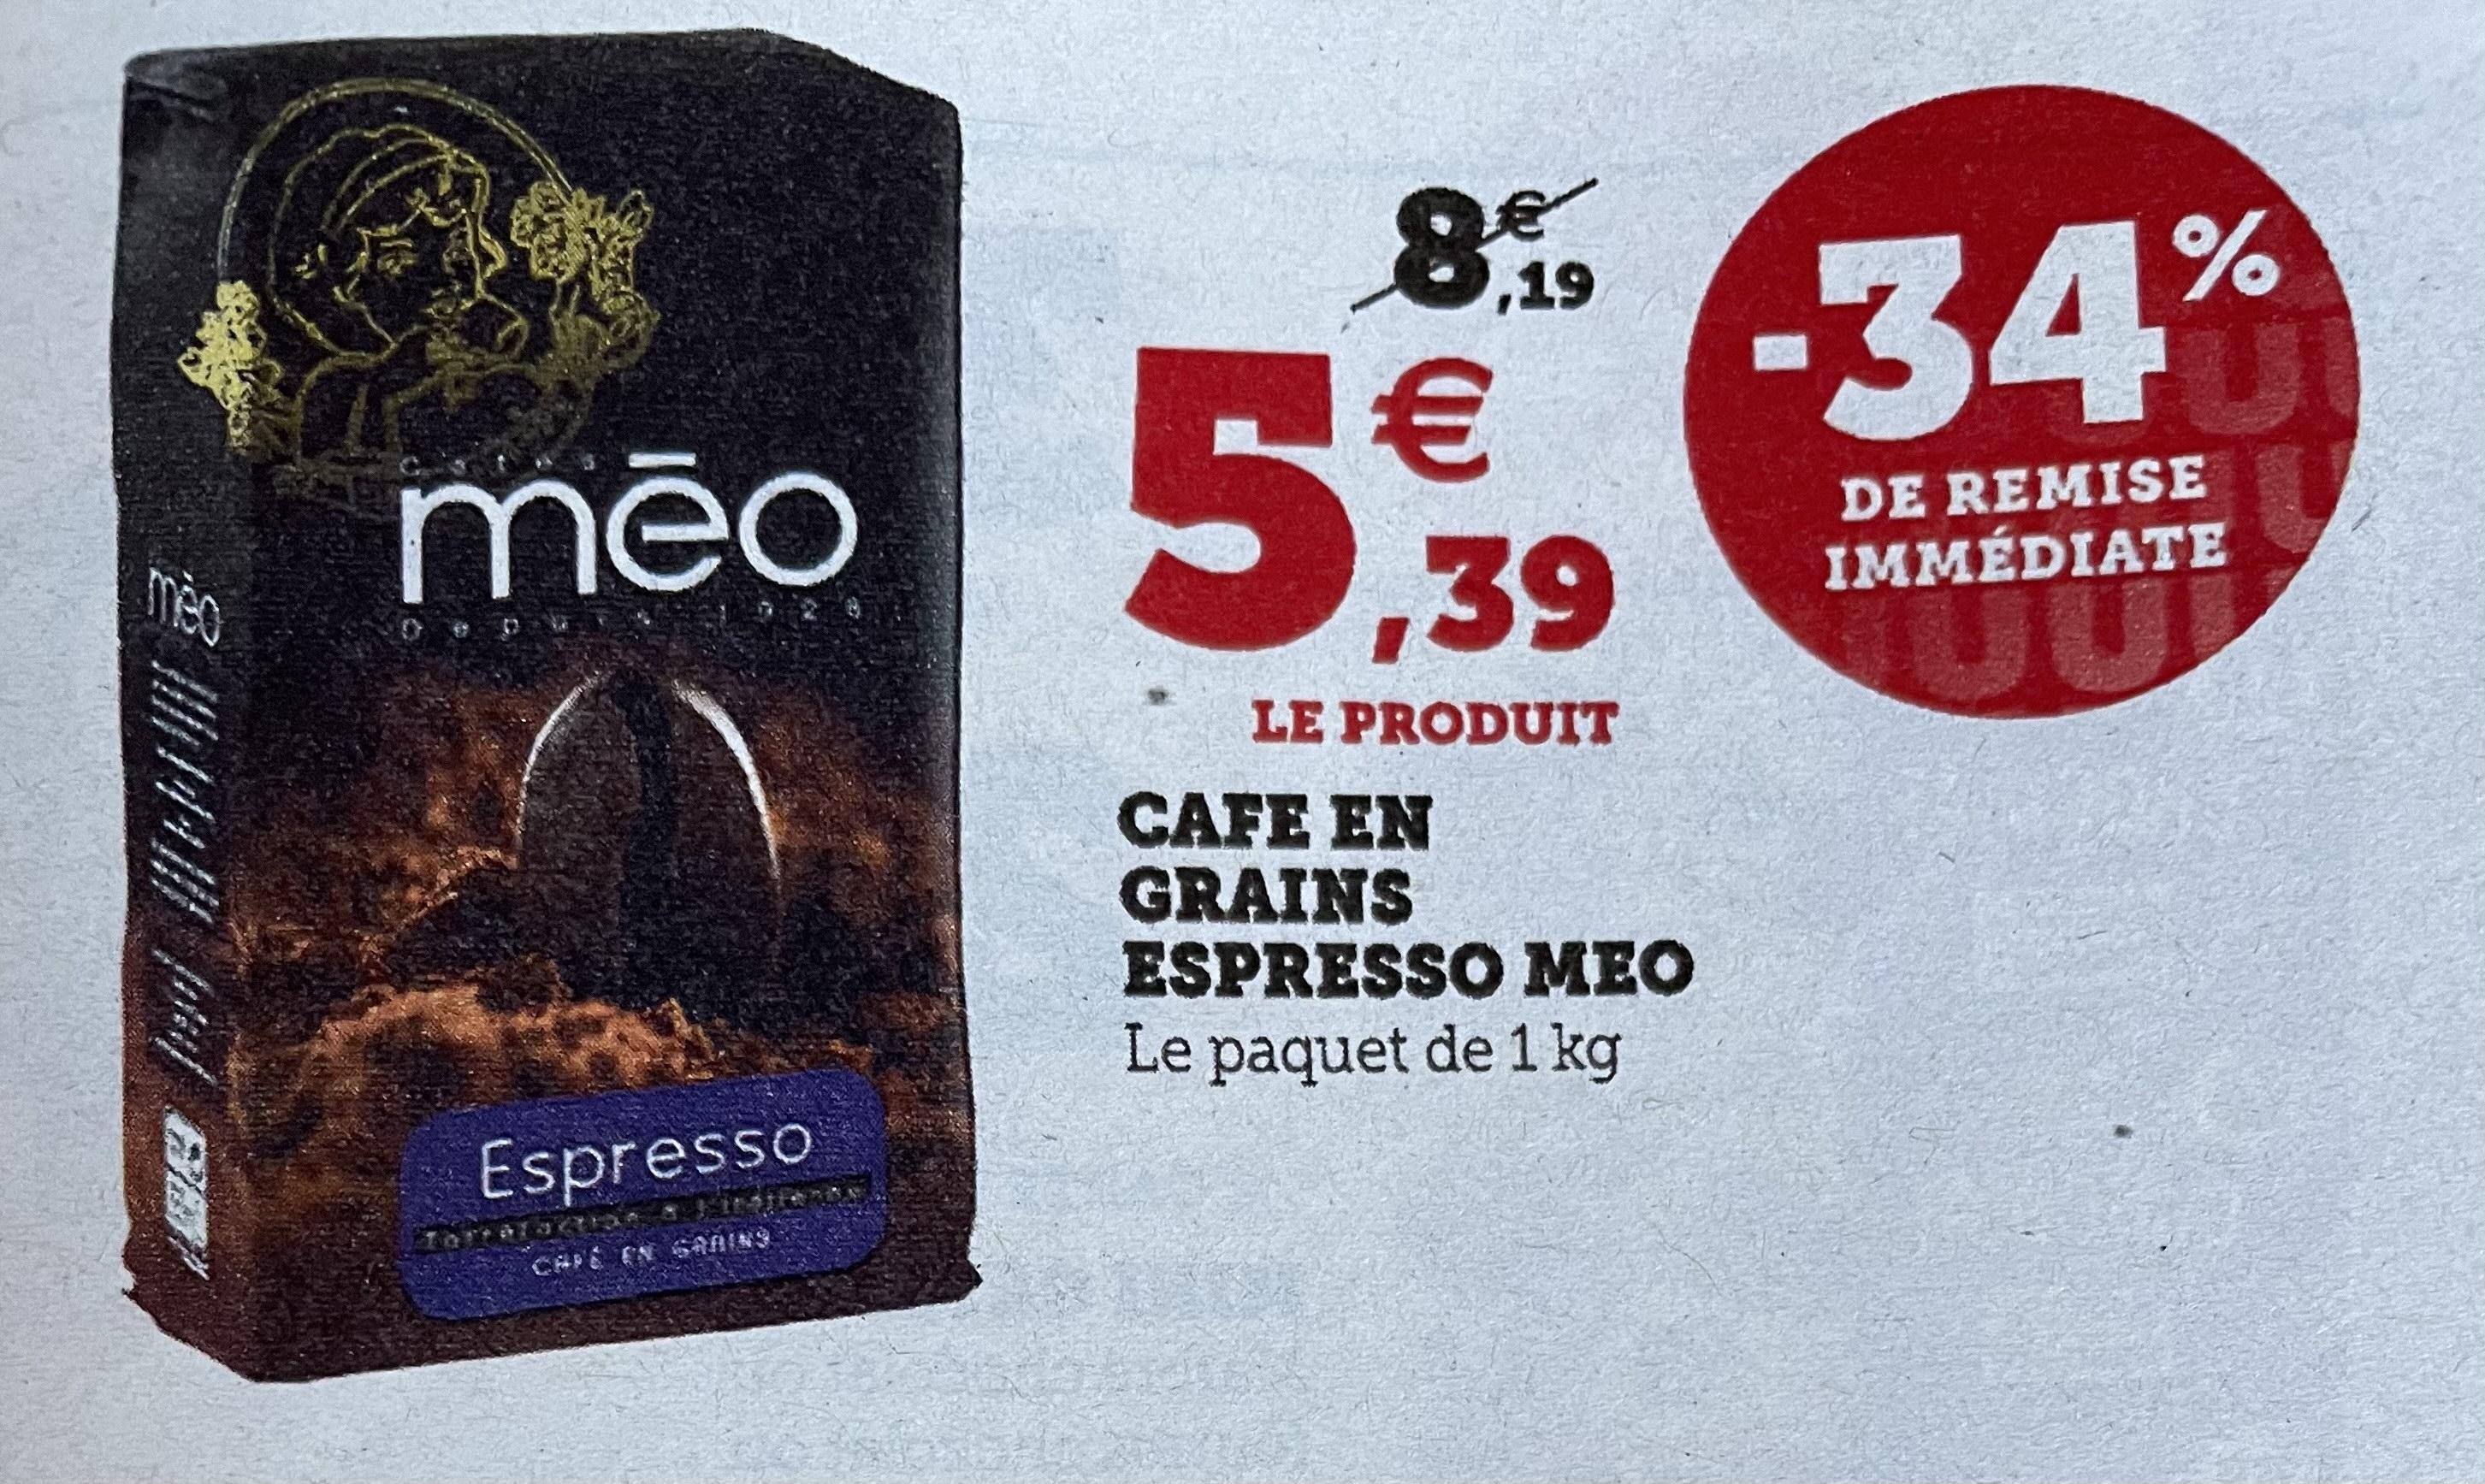 Paquet de Café en grains Meo Espresso (1 kg) - Magasins participants